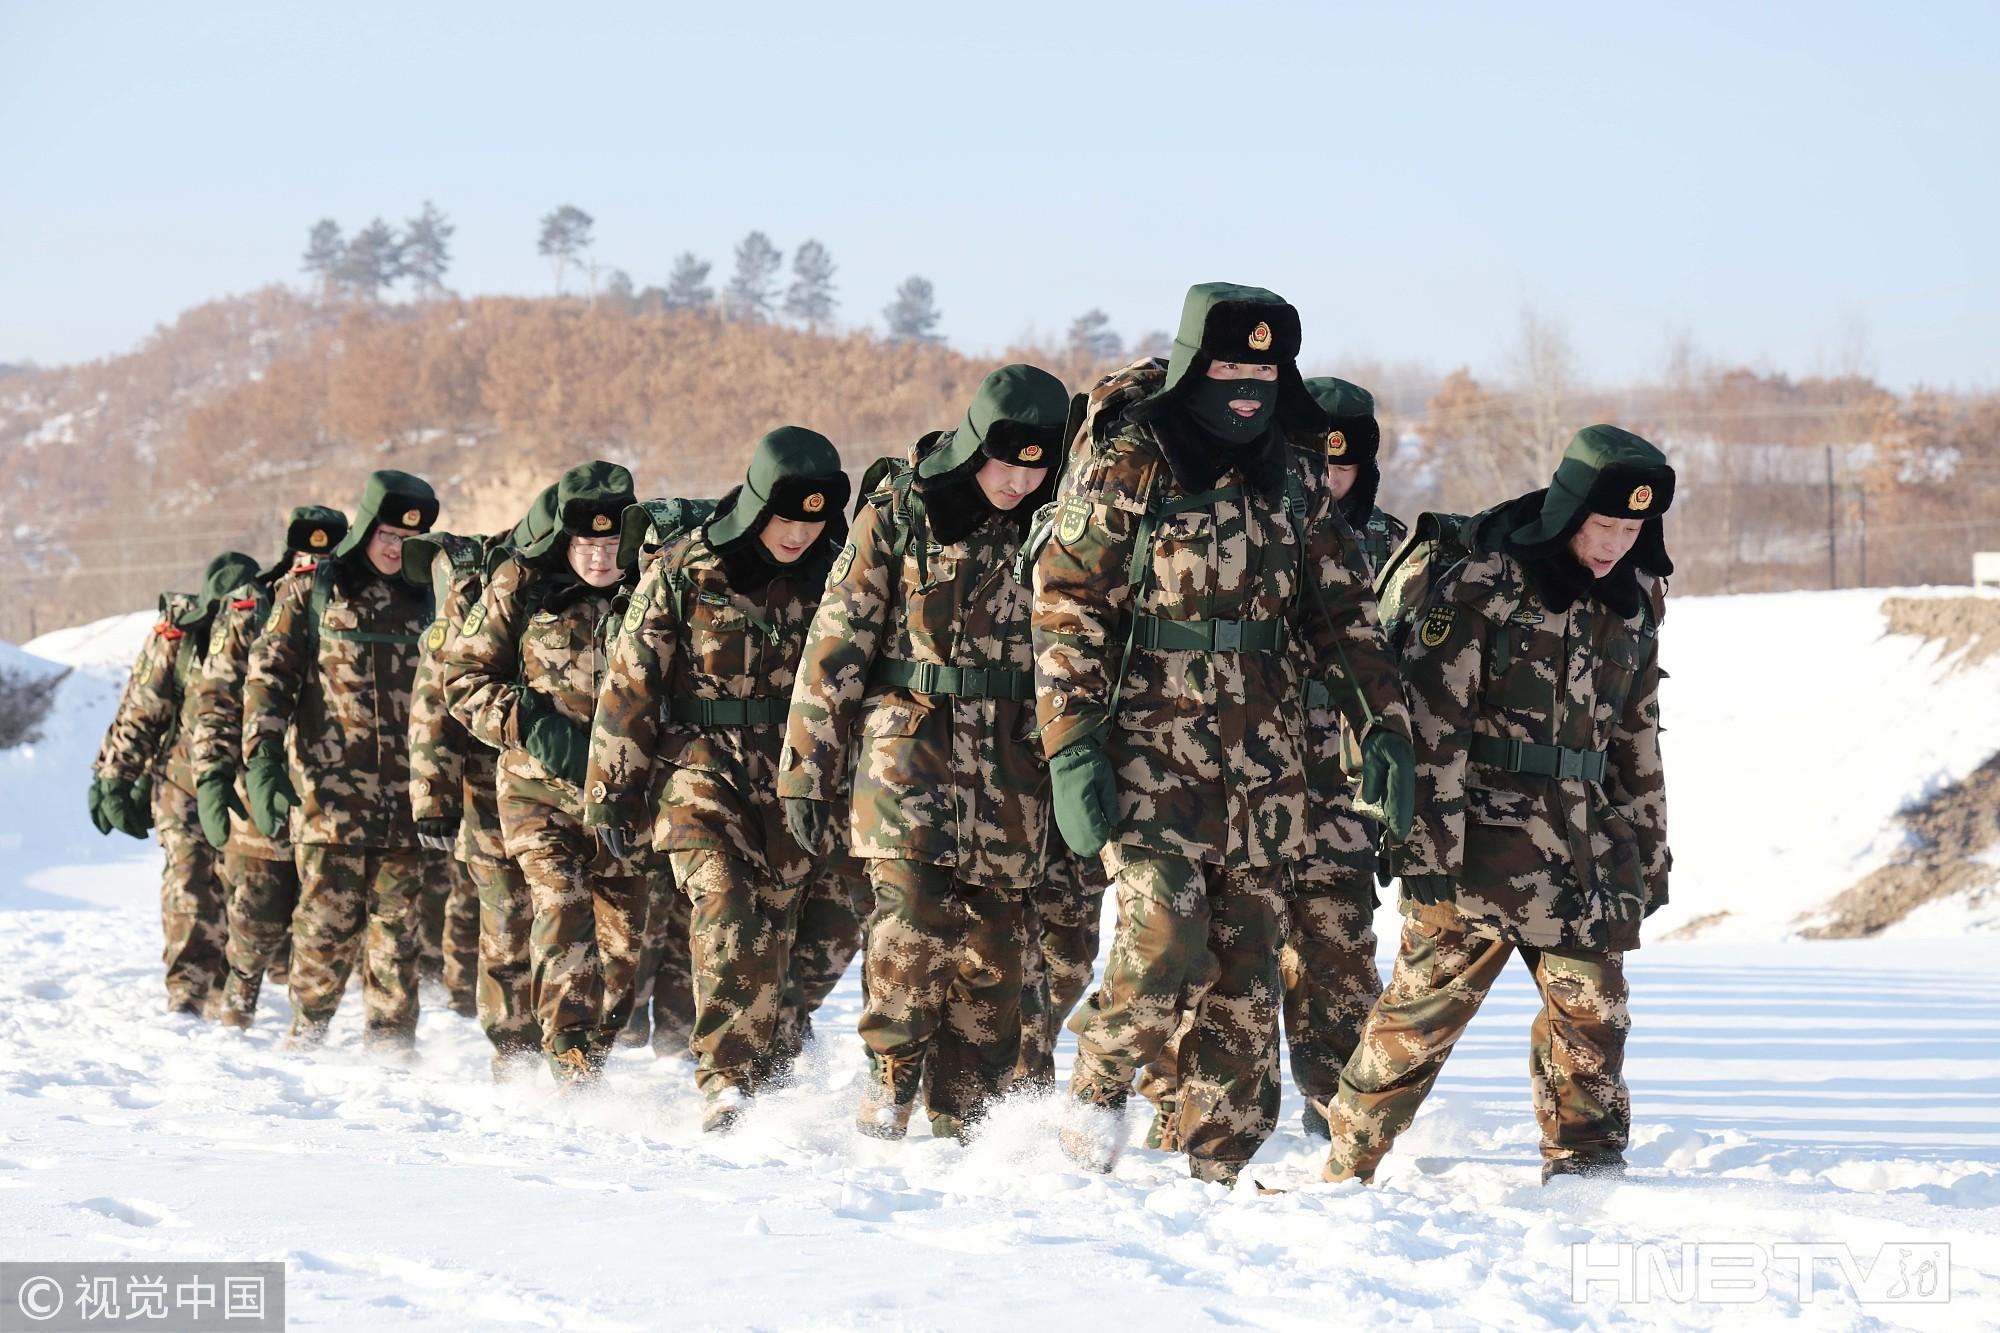 黑龙江大兴安岭现-30℃极寒天气 边防官兵徒步拉练砺精兵